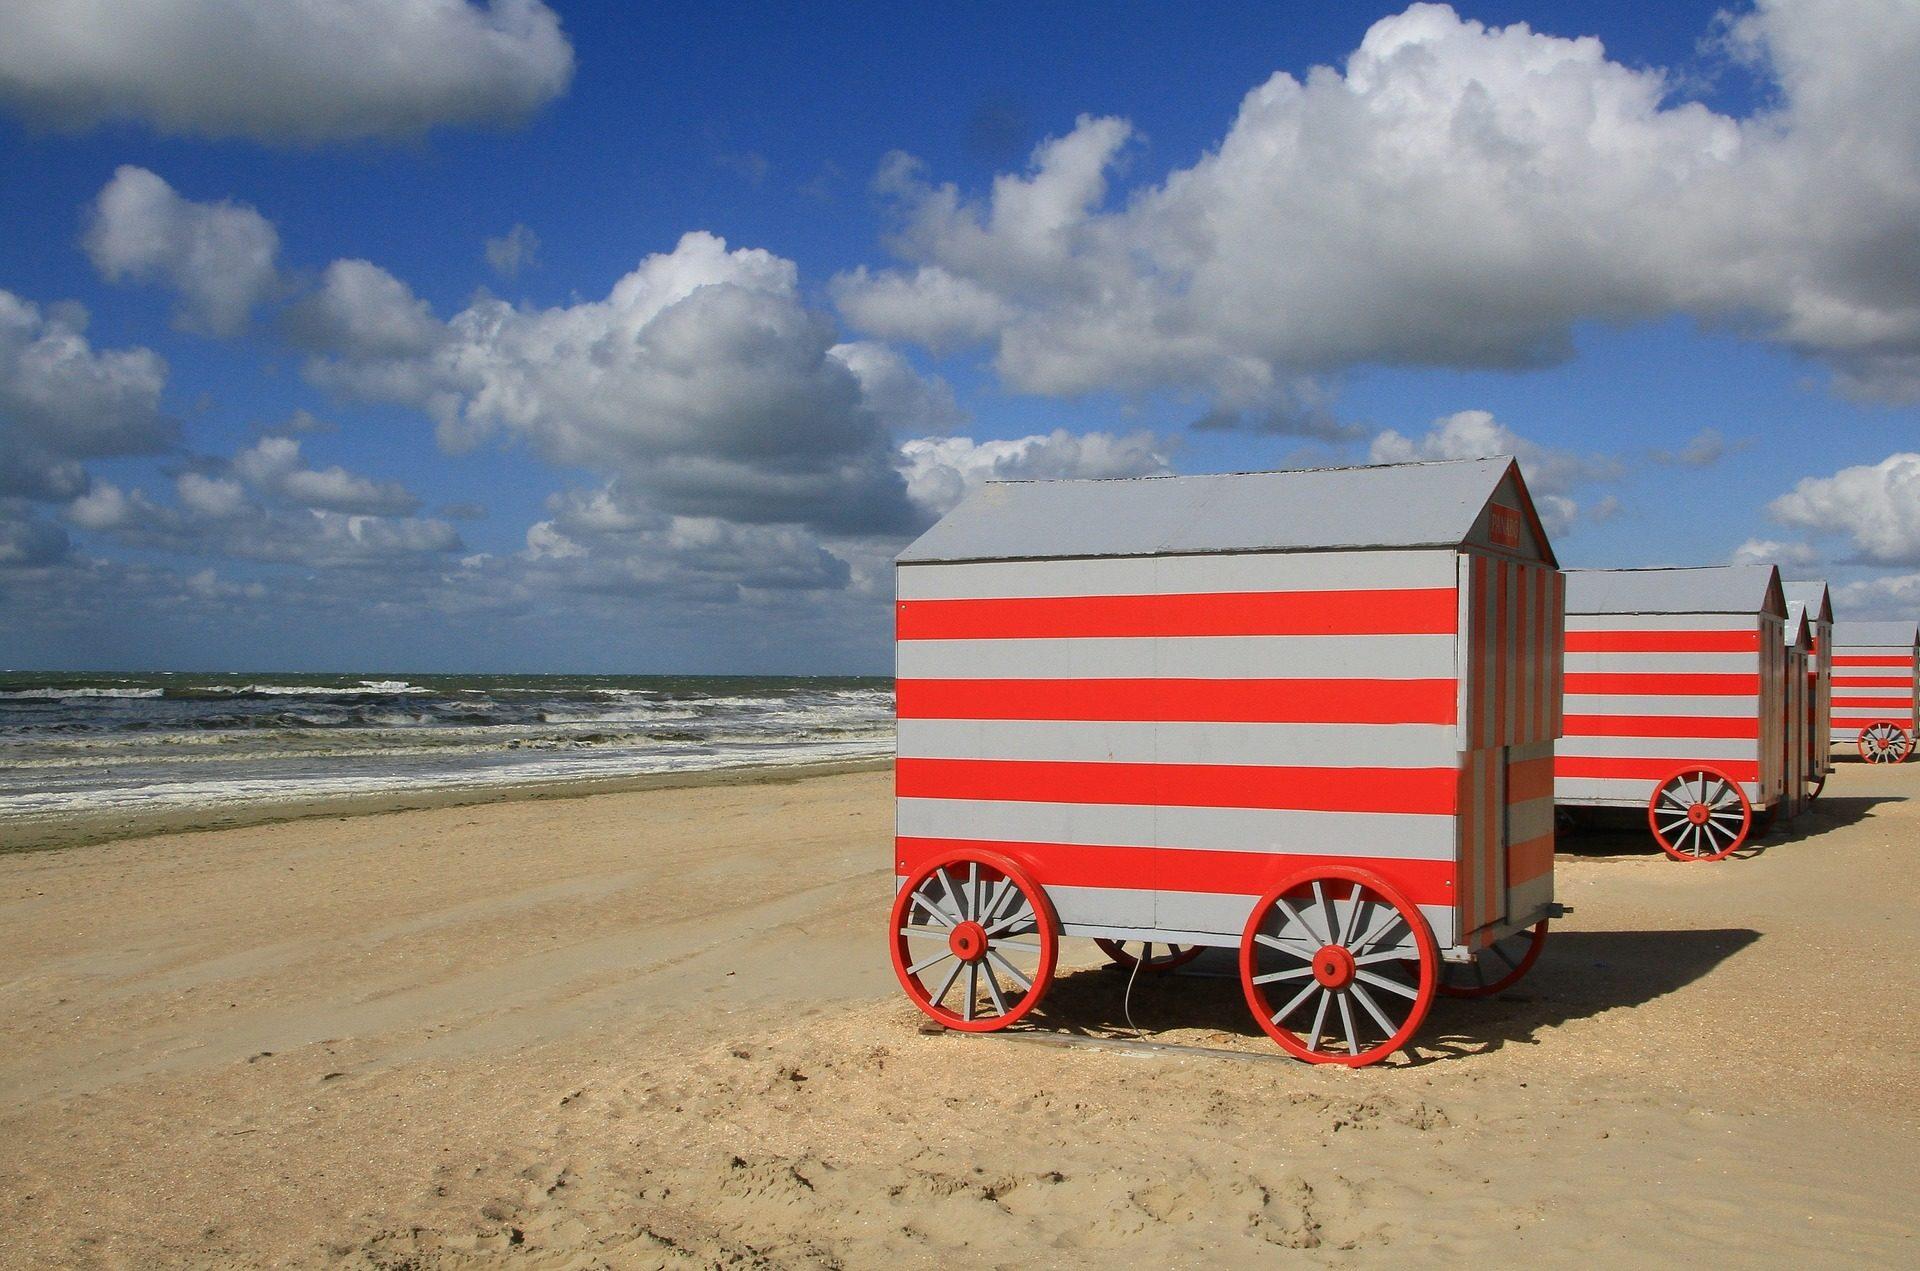 海滩, 小木屋, 车轮, 海, 波, 天空, 云彩 - 高清壁纸 - 教授-falken.com